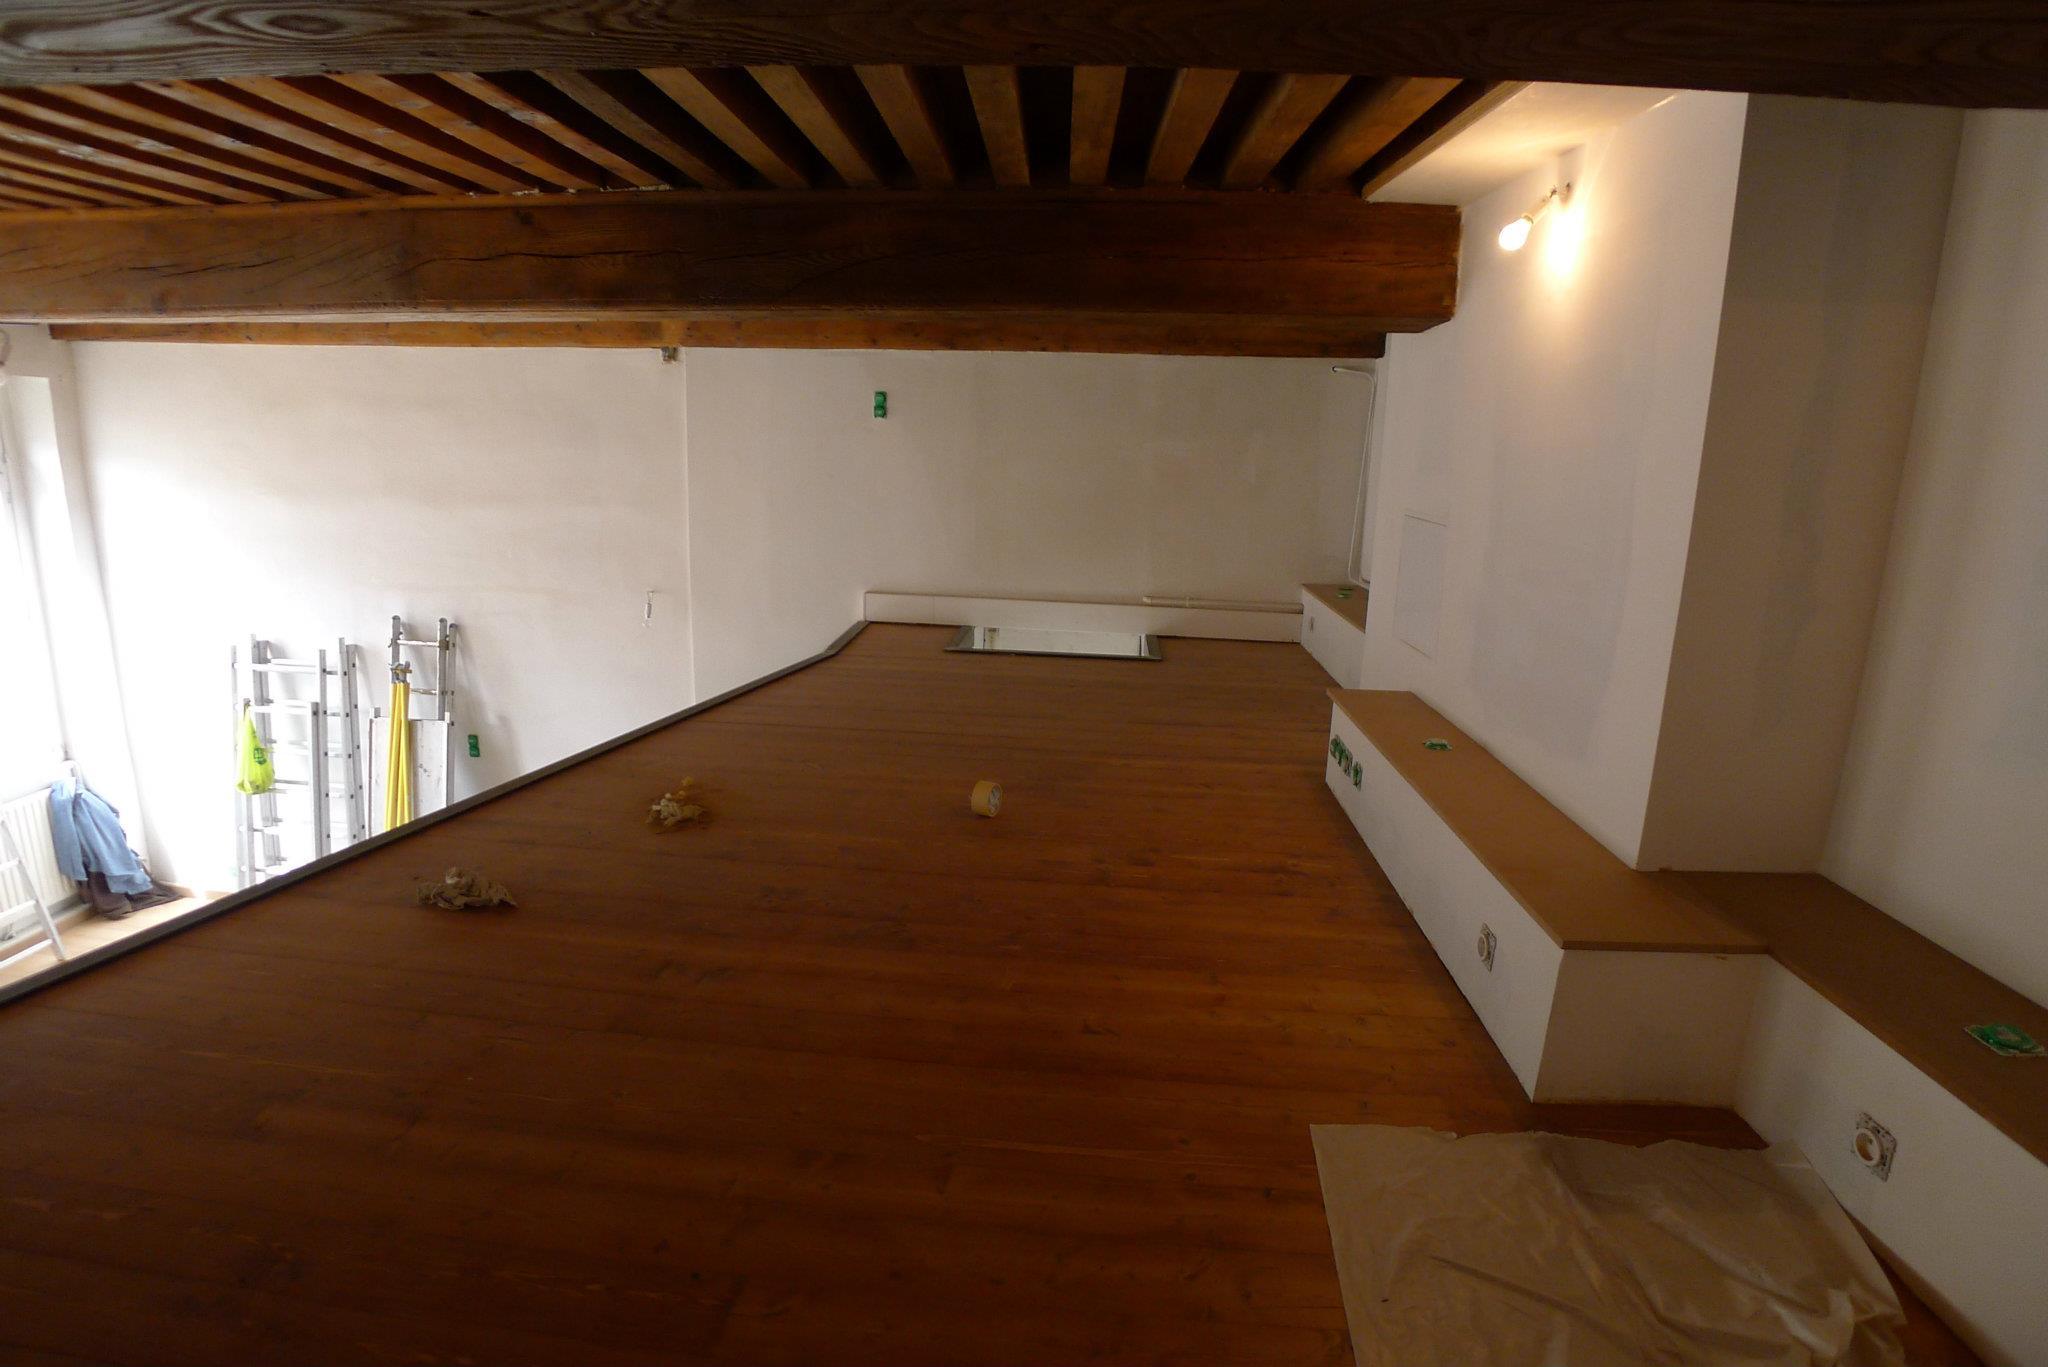 cr ation d une mezzanine la croix rousse lyon 4e ecoconfiance r novation. Black Bedroom Furniture Sets. Home Design Ideas